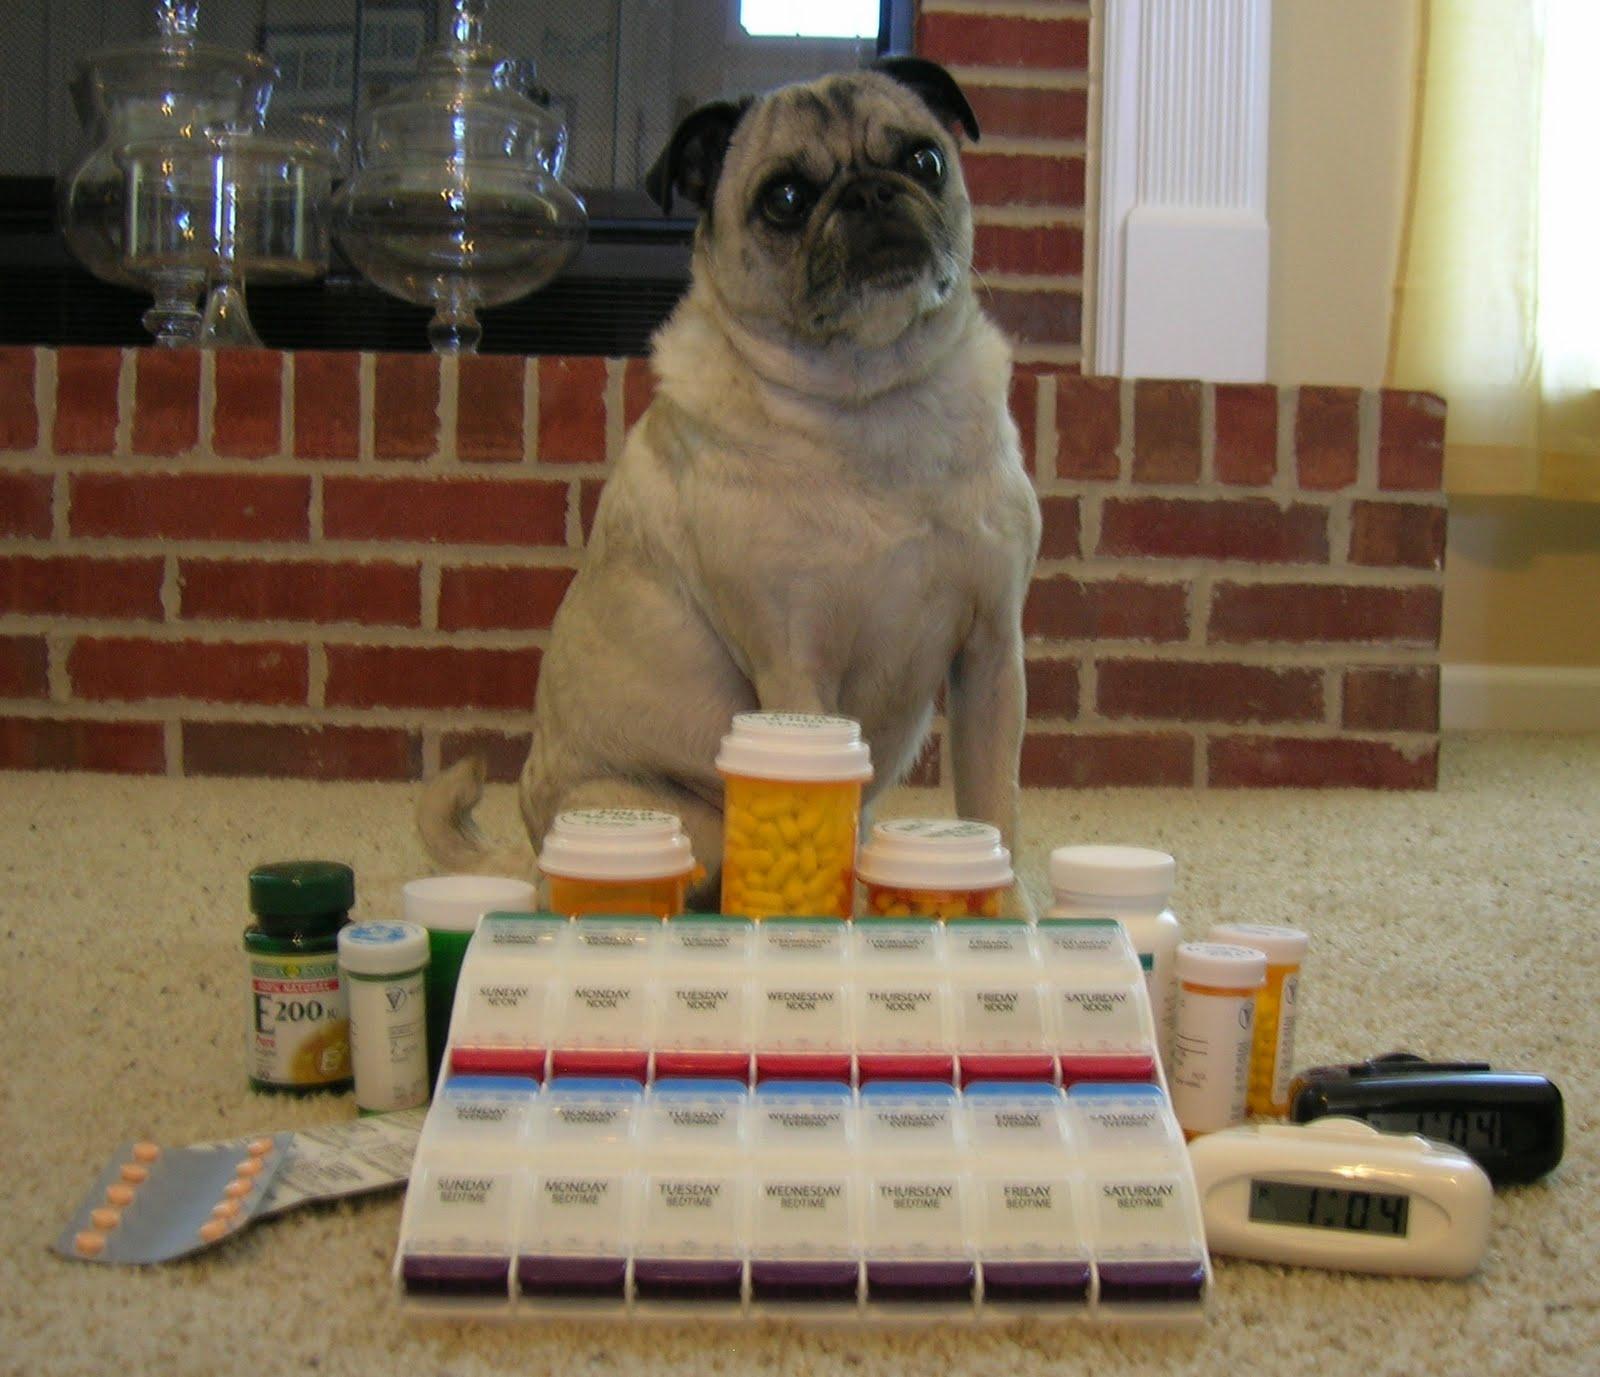 Prednisone Pill Looks